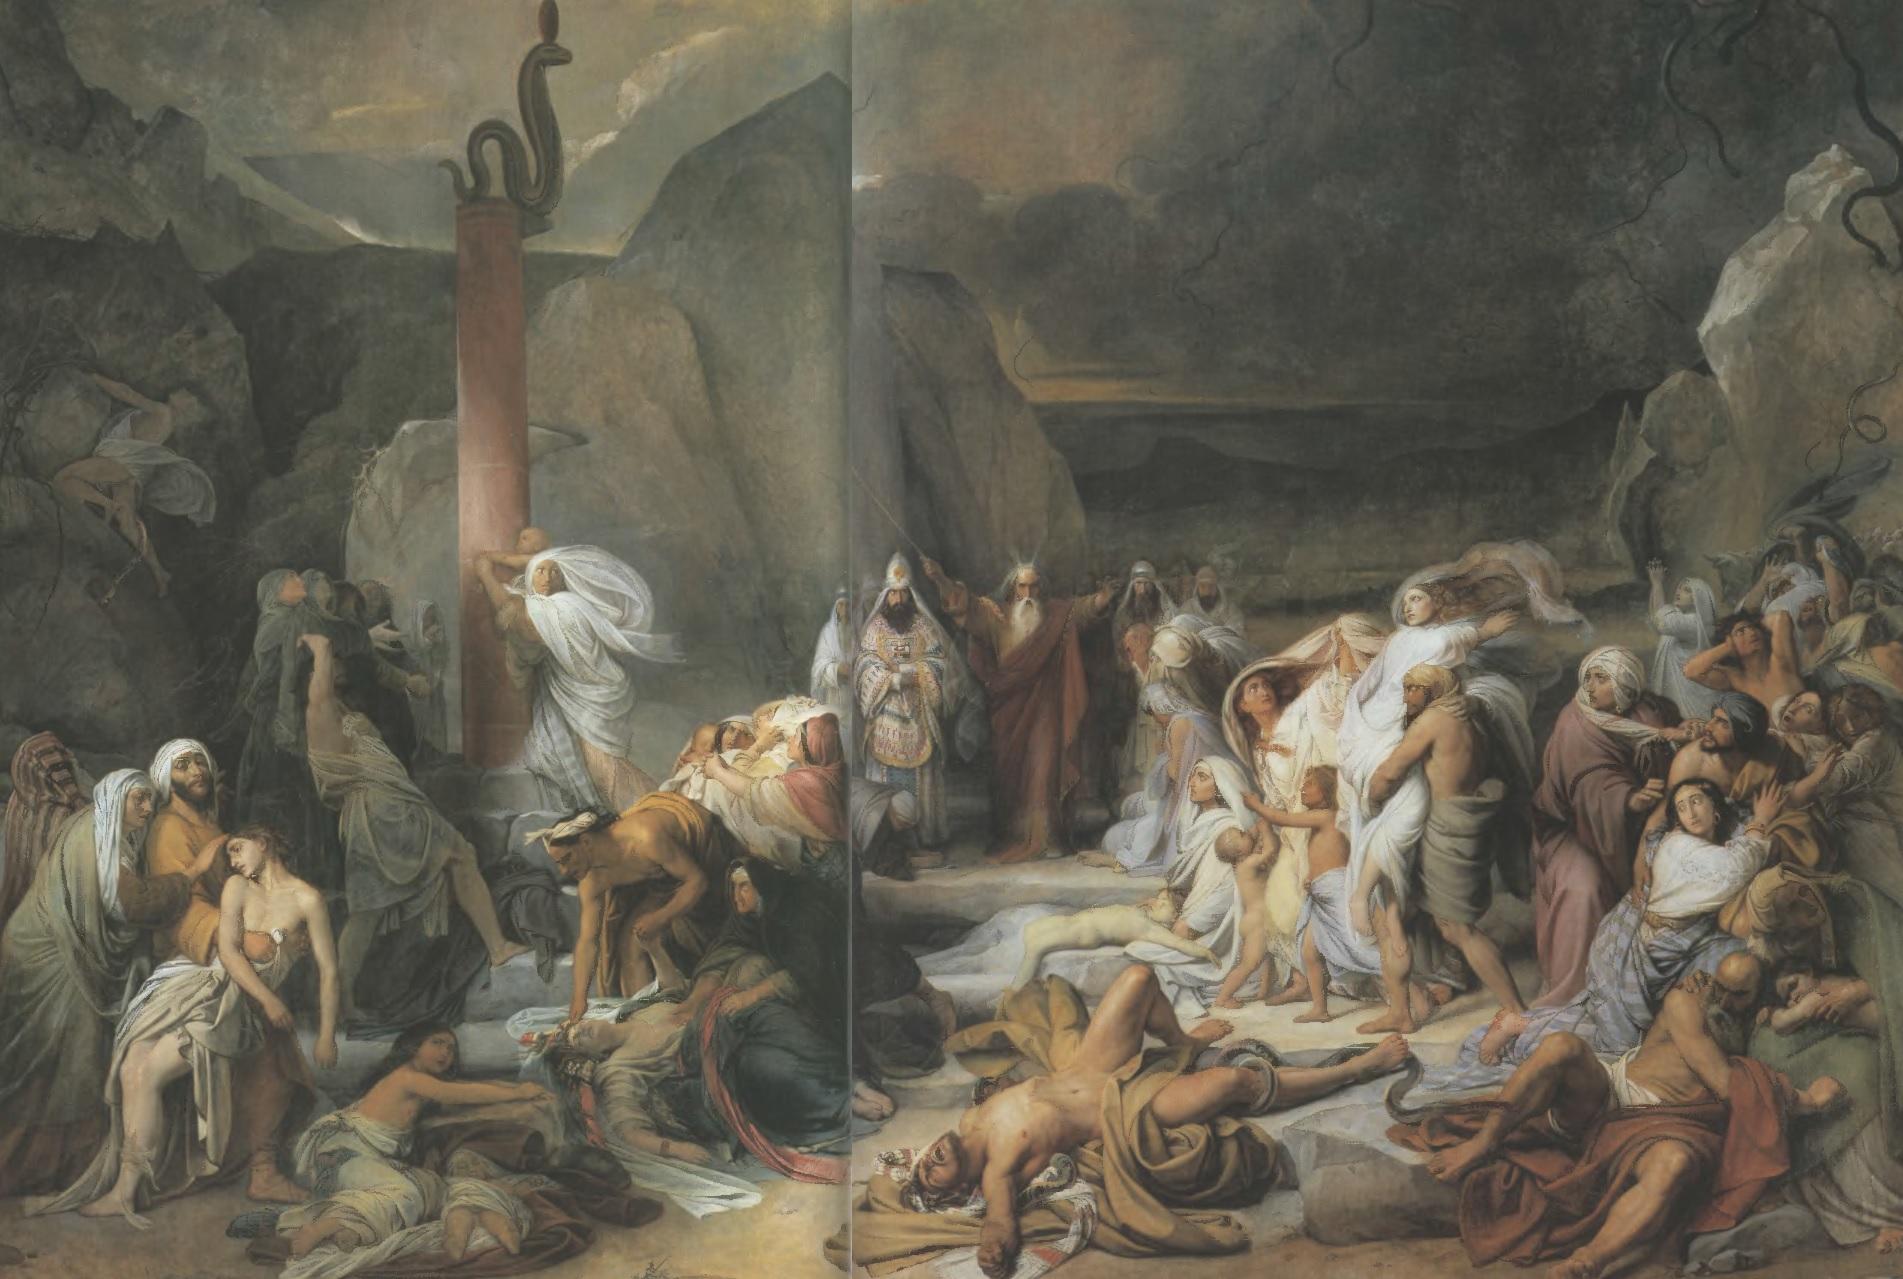 ФЕДОР БРУНИ. Медный змий. 1841. Холст, масло. 565 х 852 см. Государственный Русский музей